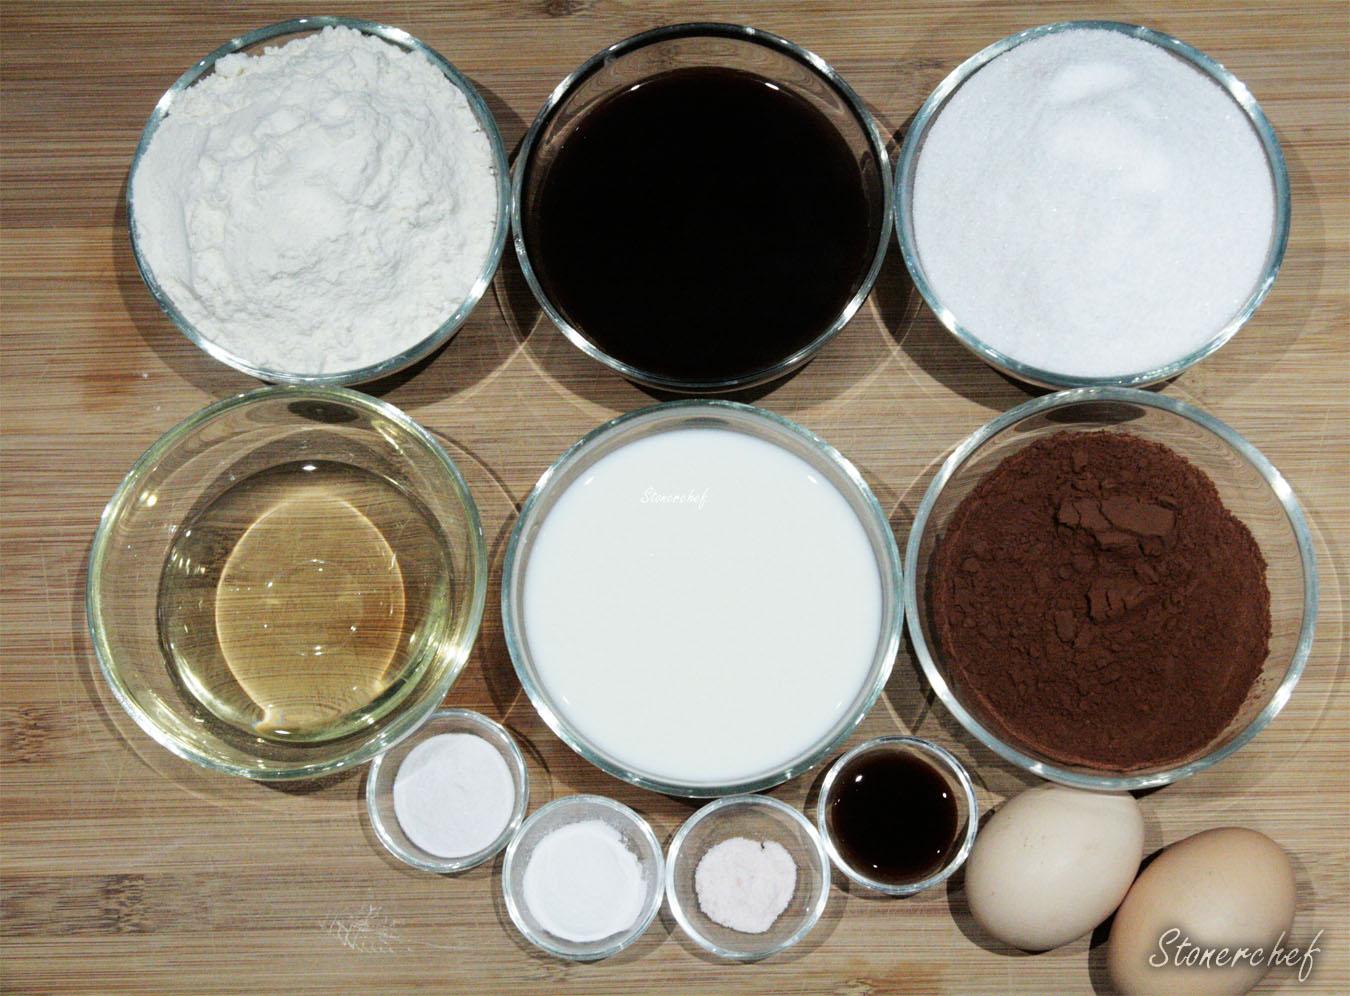 składniki na ciasto do tortu mocha